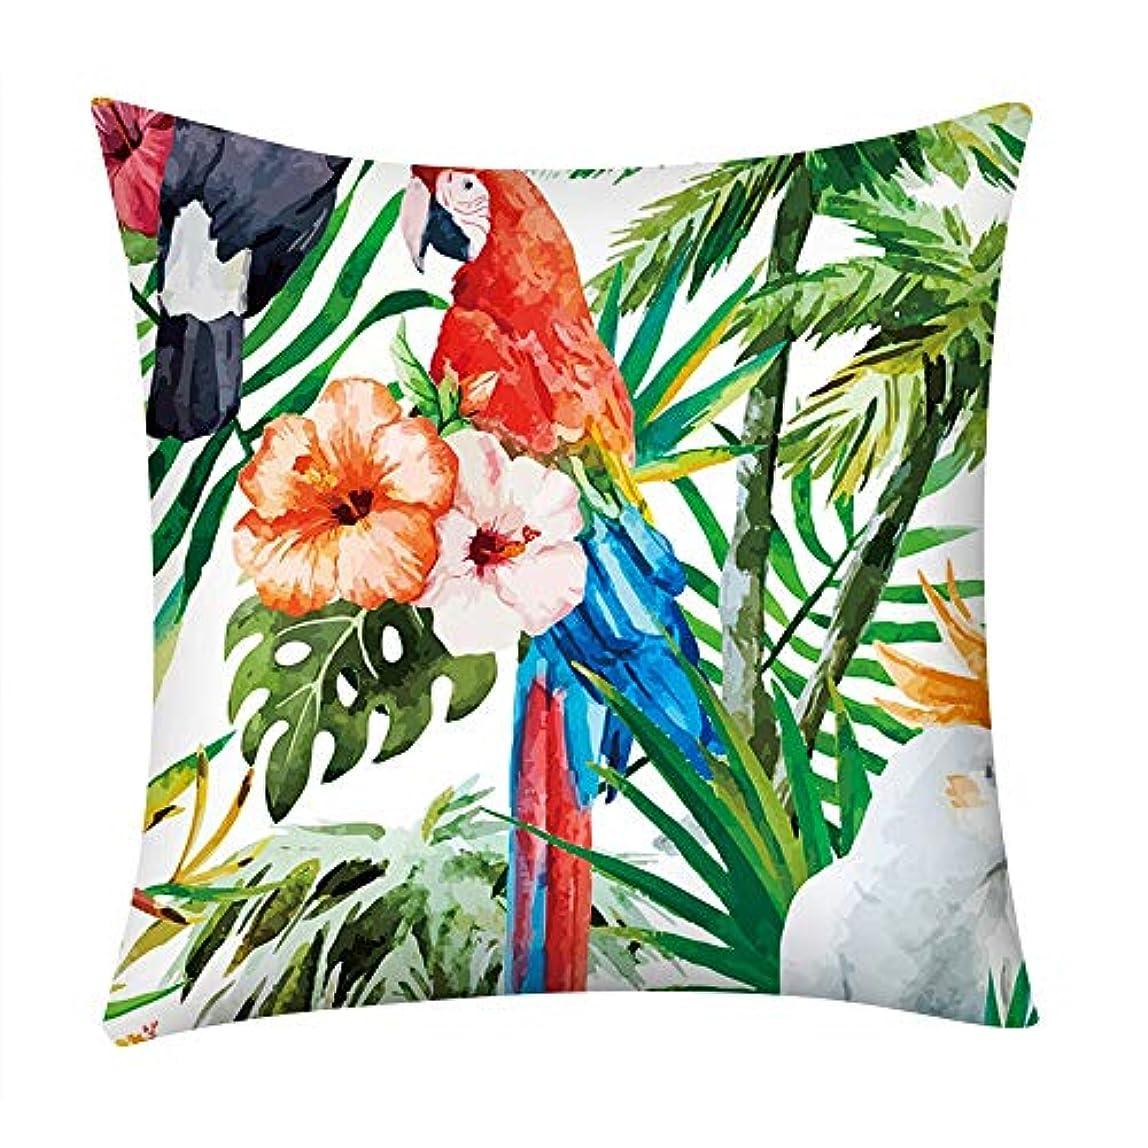 メトリック称賛ピンポイントLIFE Decorative ソファプリント枕コージー用ポリエステルソファ車のクッション枕家の装飾家の装飾 coussin decoratif クッション 椅子